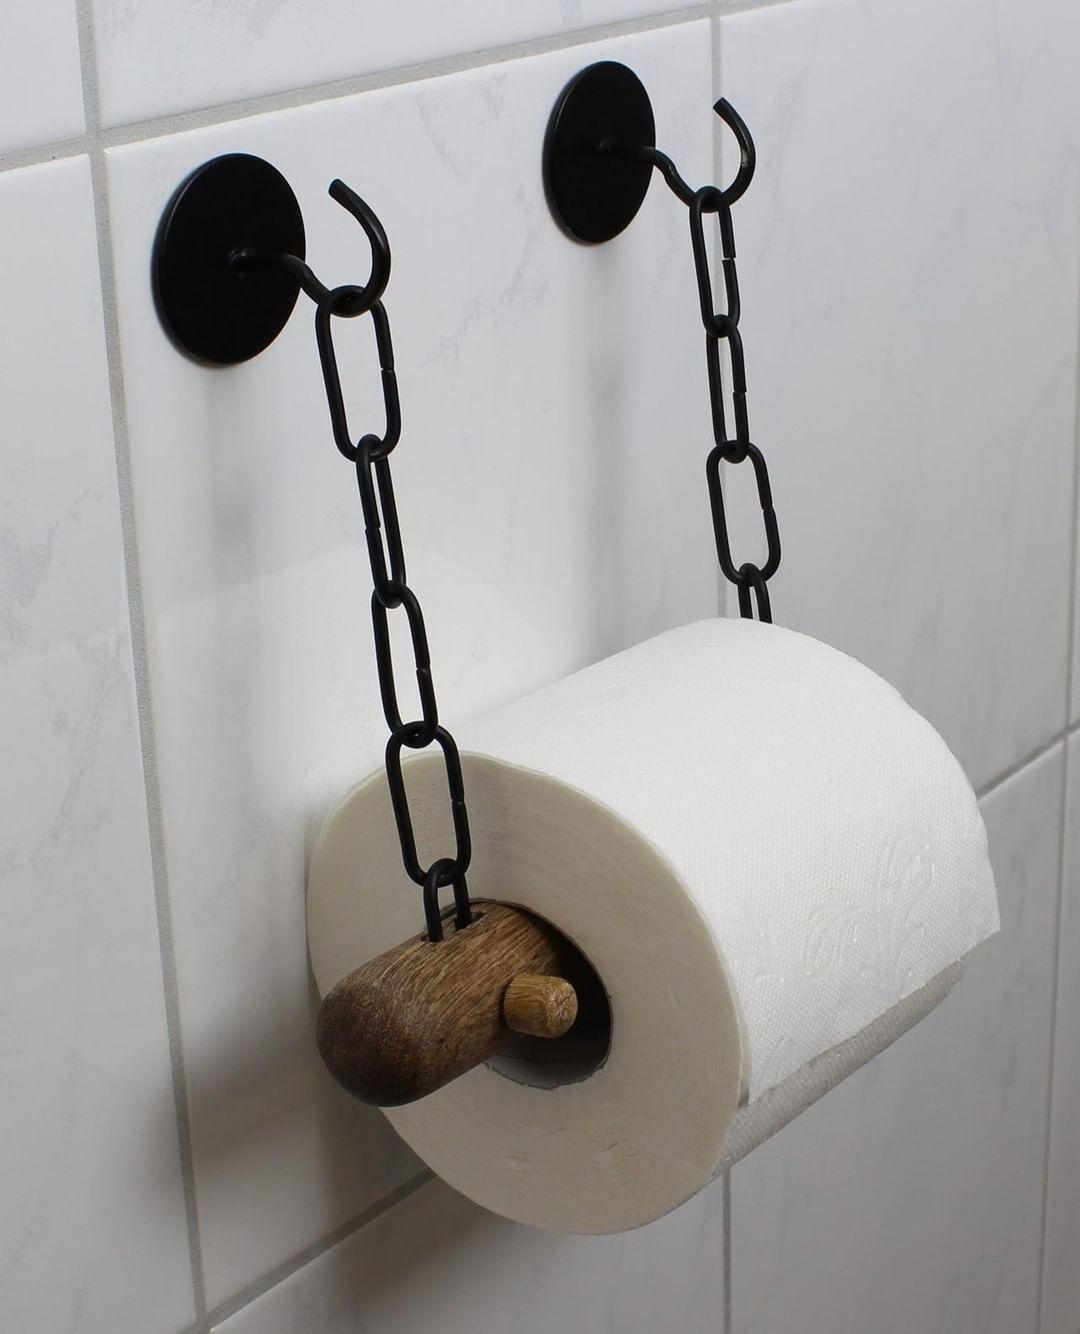 Toilettenpapier Halter Toilettenrollenhalter Papier Badezimmer WC Rollenhalter